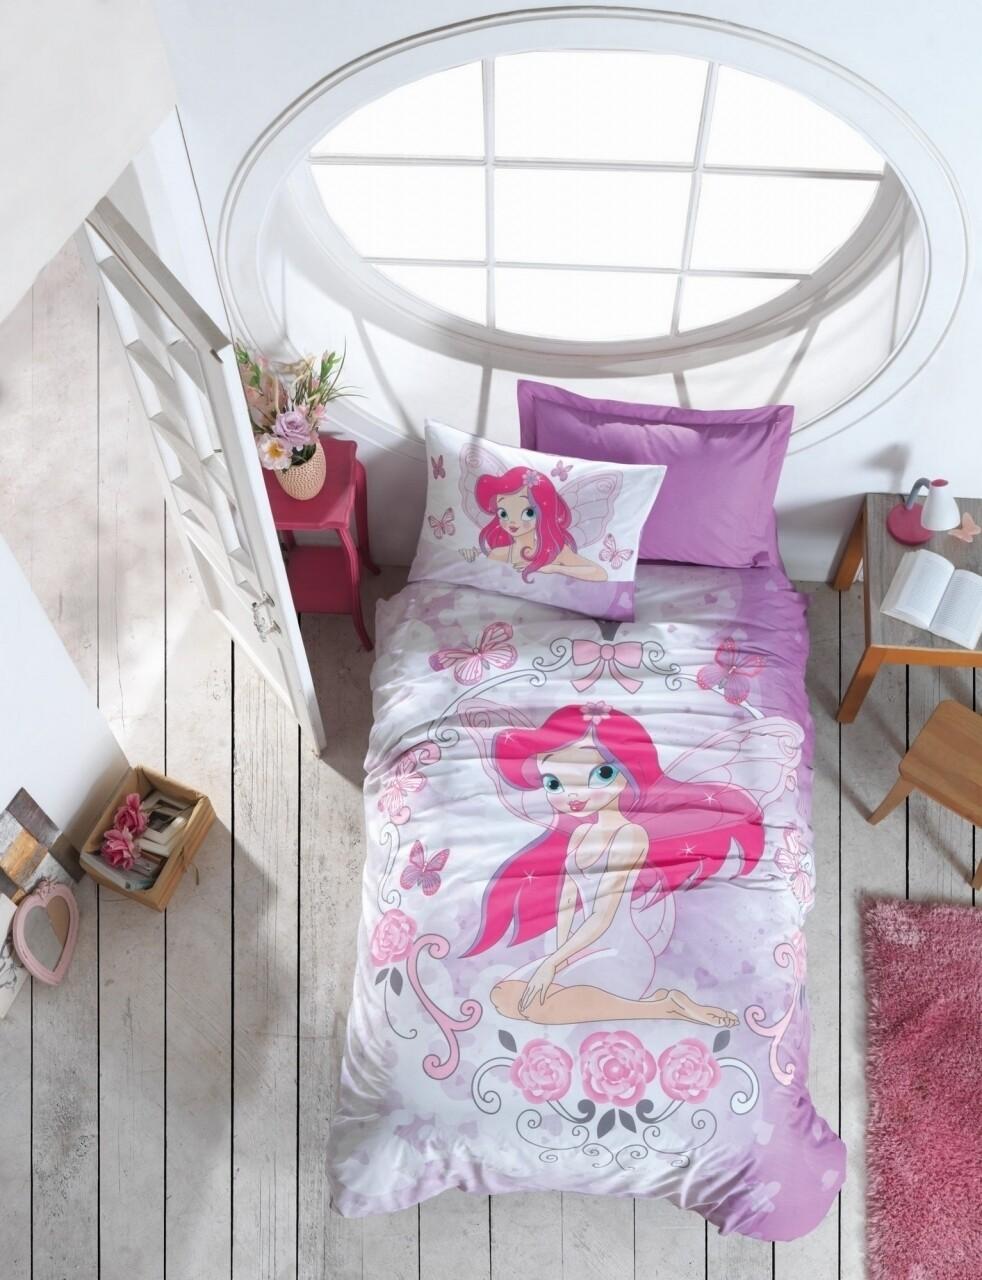 Lenjerie de pat pentru o persoana Fairy, Cotton Box, 3 piese, 160 x 240 cm, 100% bumbac ranforce, multicolora